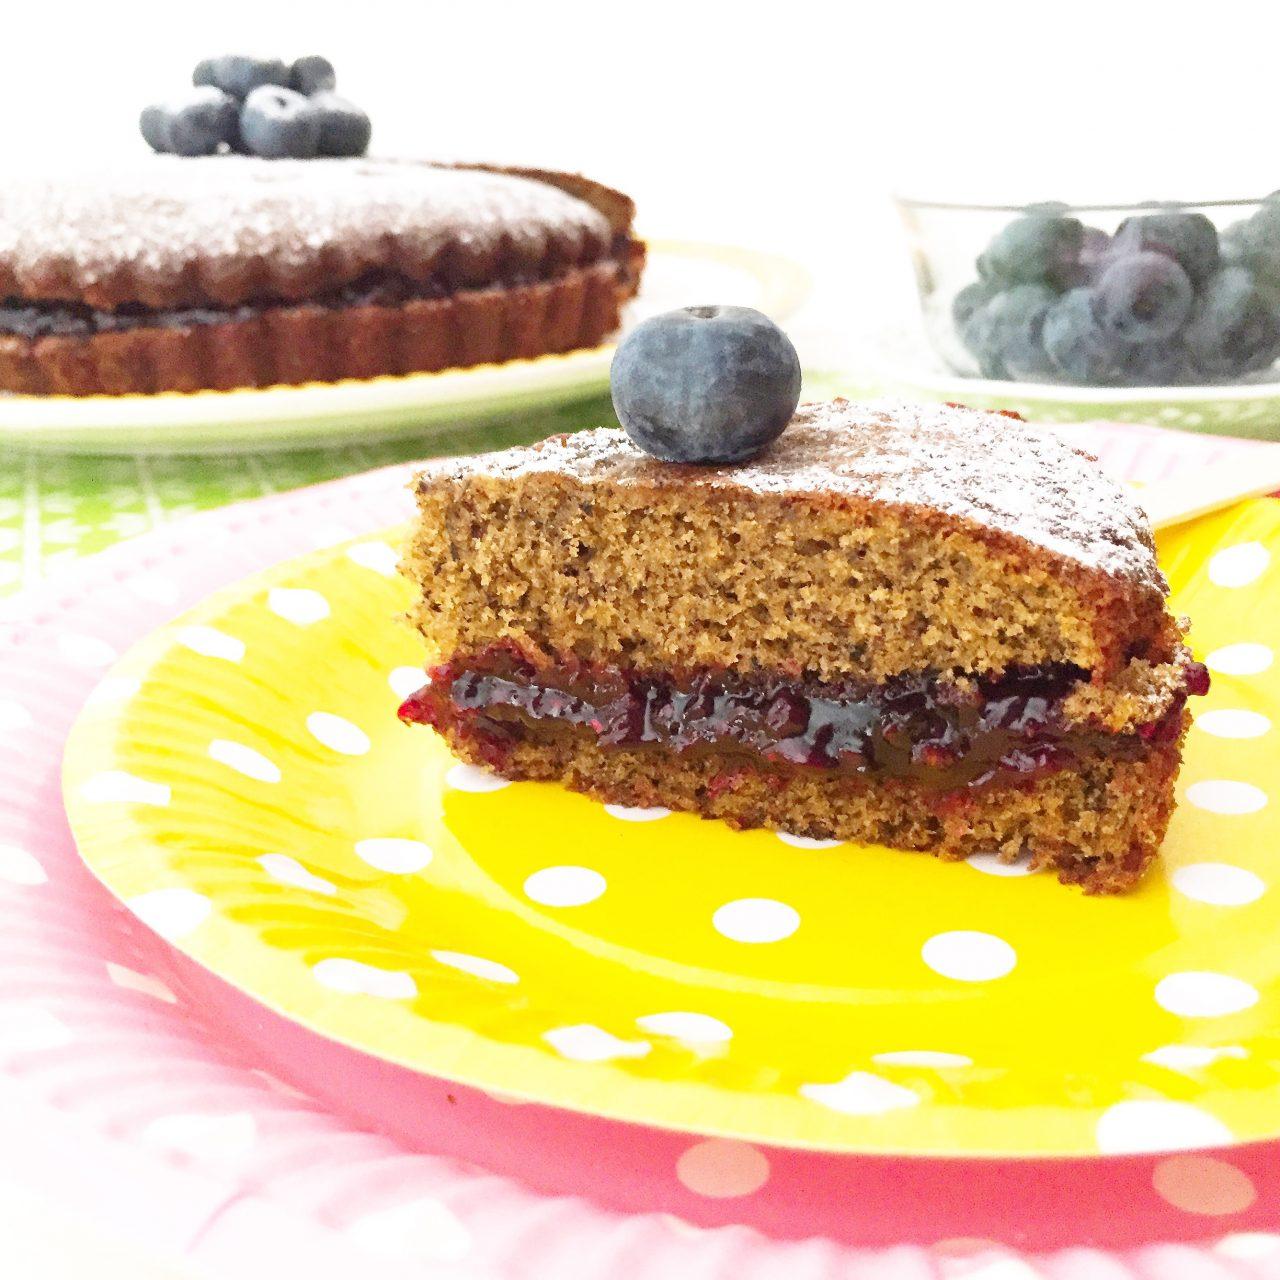 Torta morbida al grano saraceno con frutti di bosco_fetta